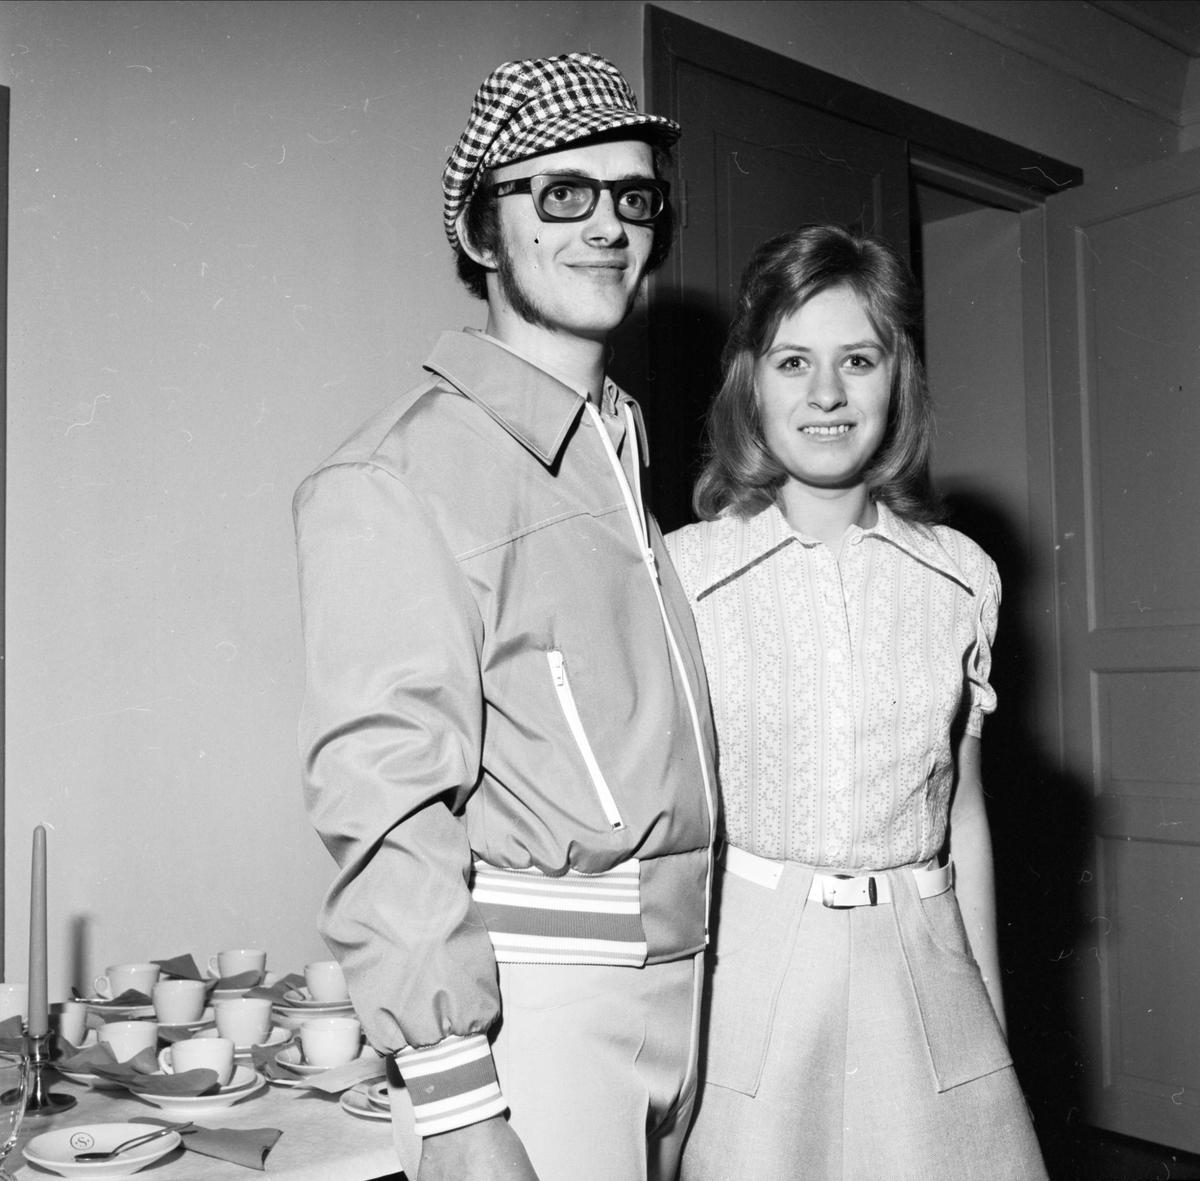 Modevisning i Söderfors, Uppland april 1973